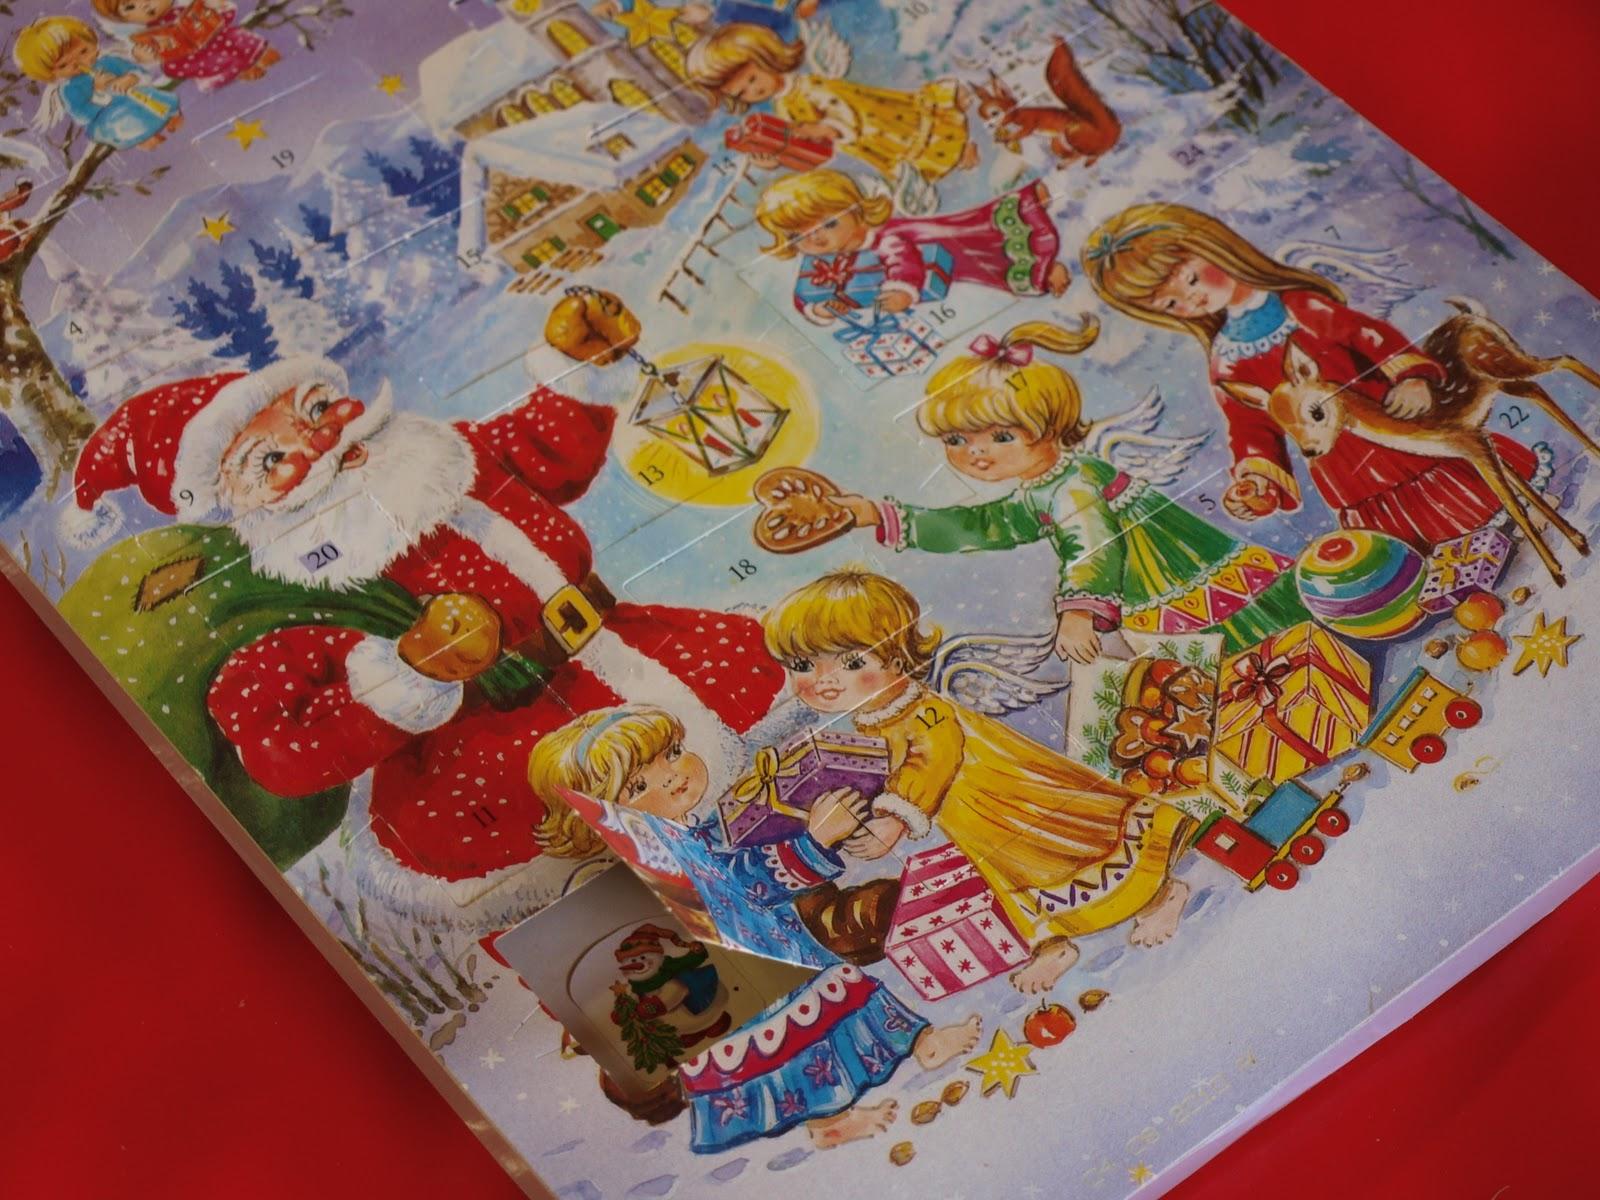 småsaker till julkalender vuxen